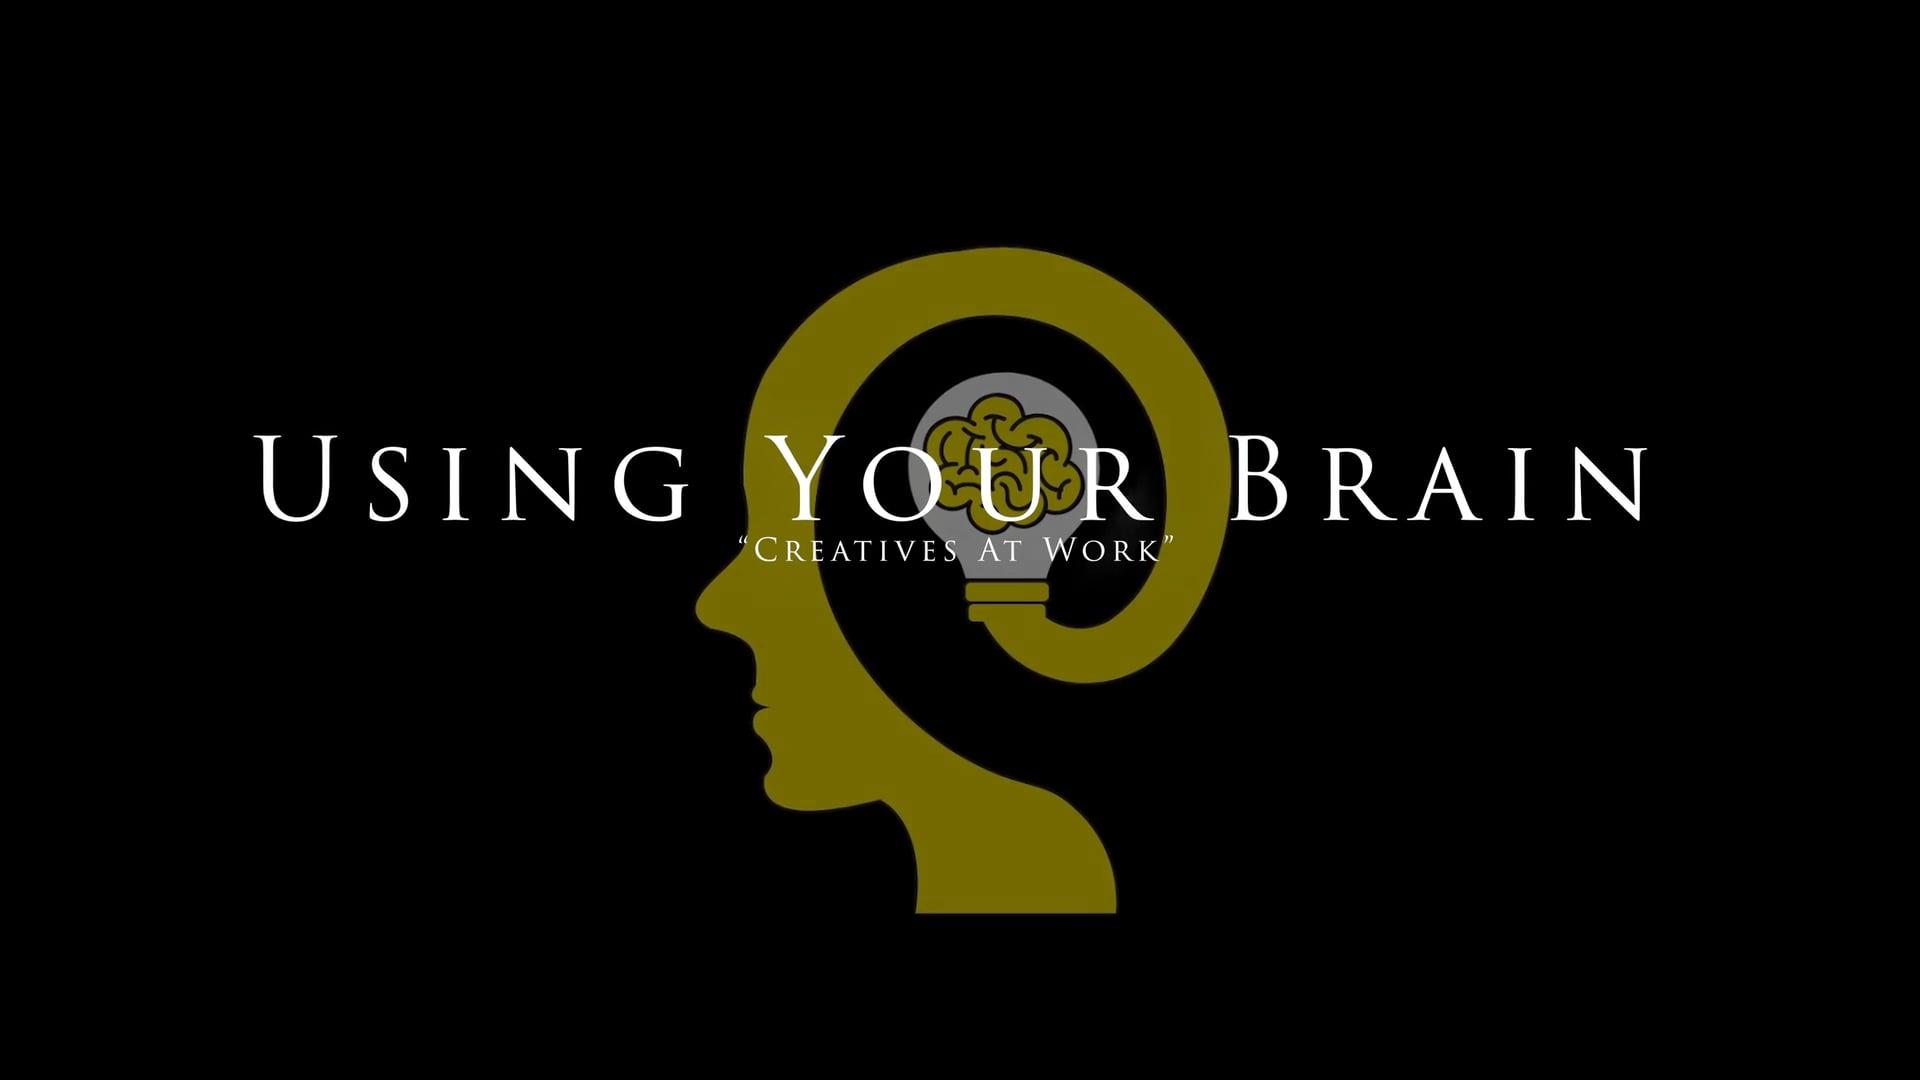 Using Your Brain - Film Intro Trailer